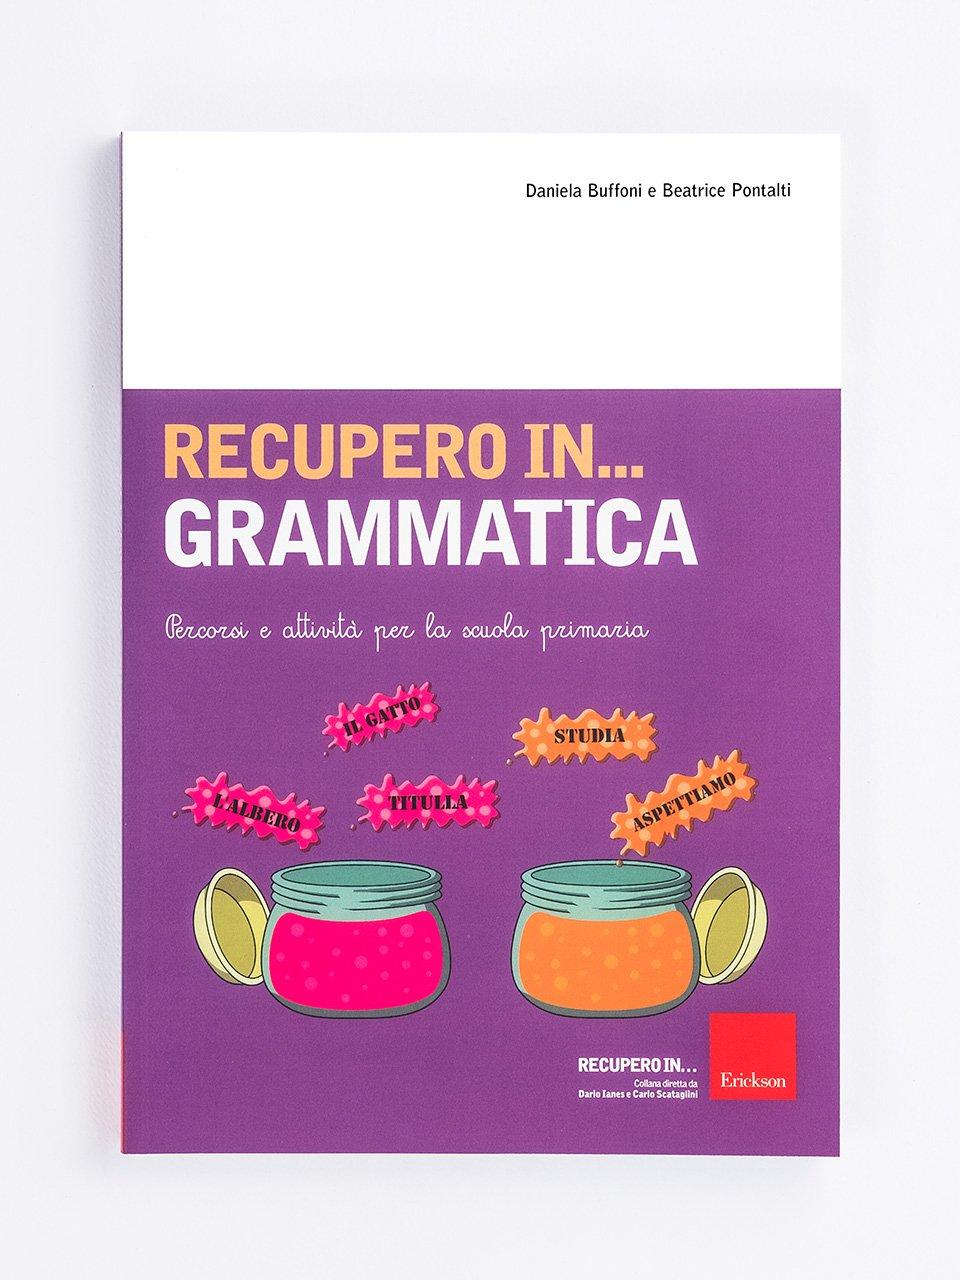 RECUPERO IN... Grammatica - App e software per Scuola, Autismo, Dislessia e DSA - Erickson